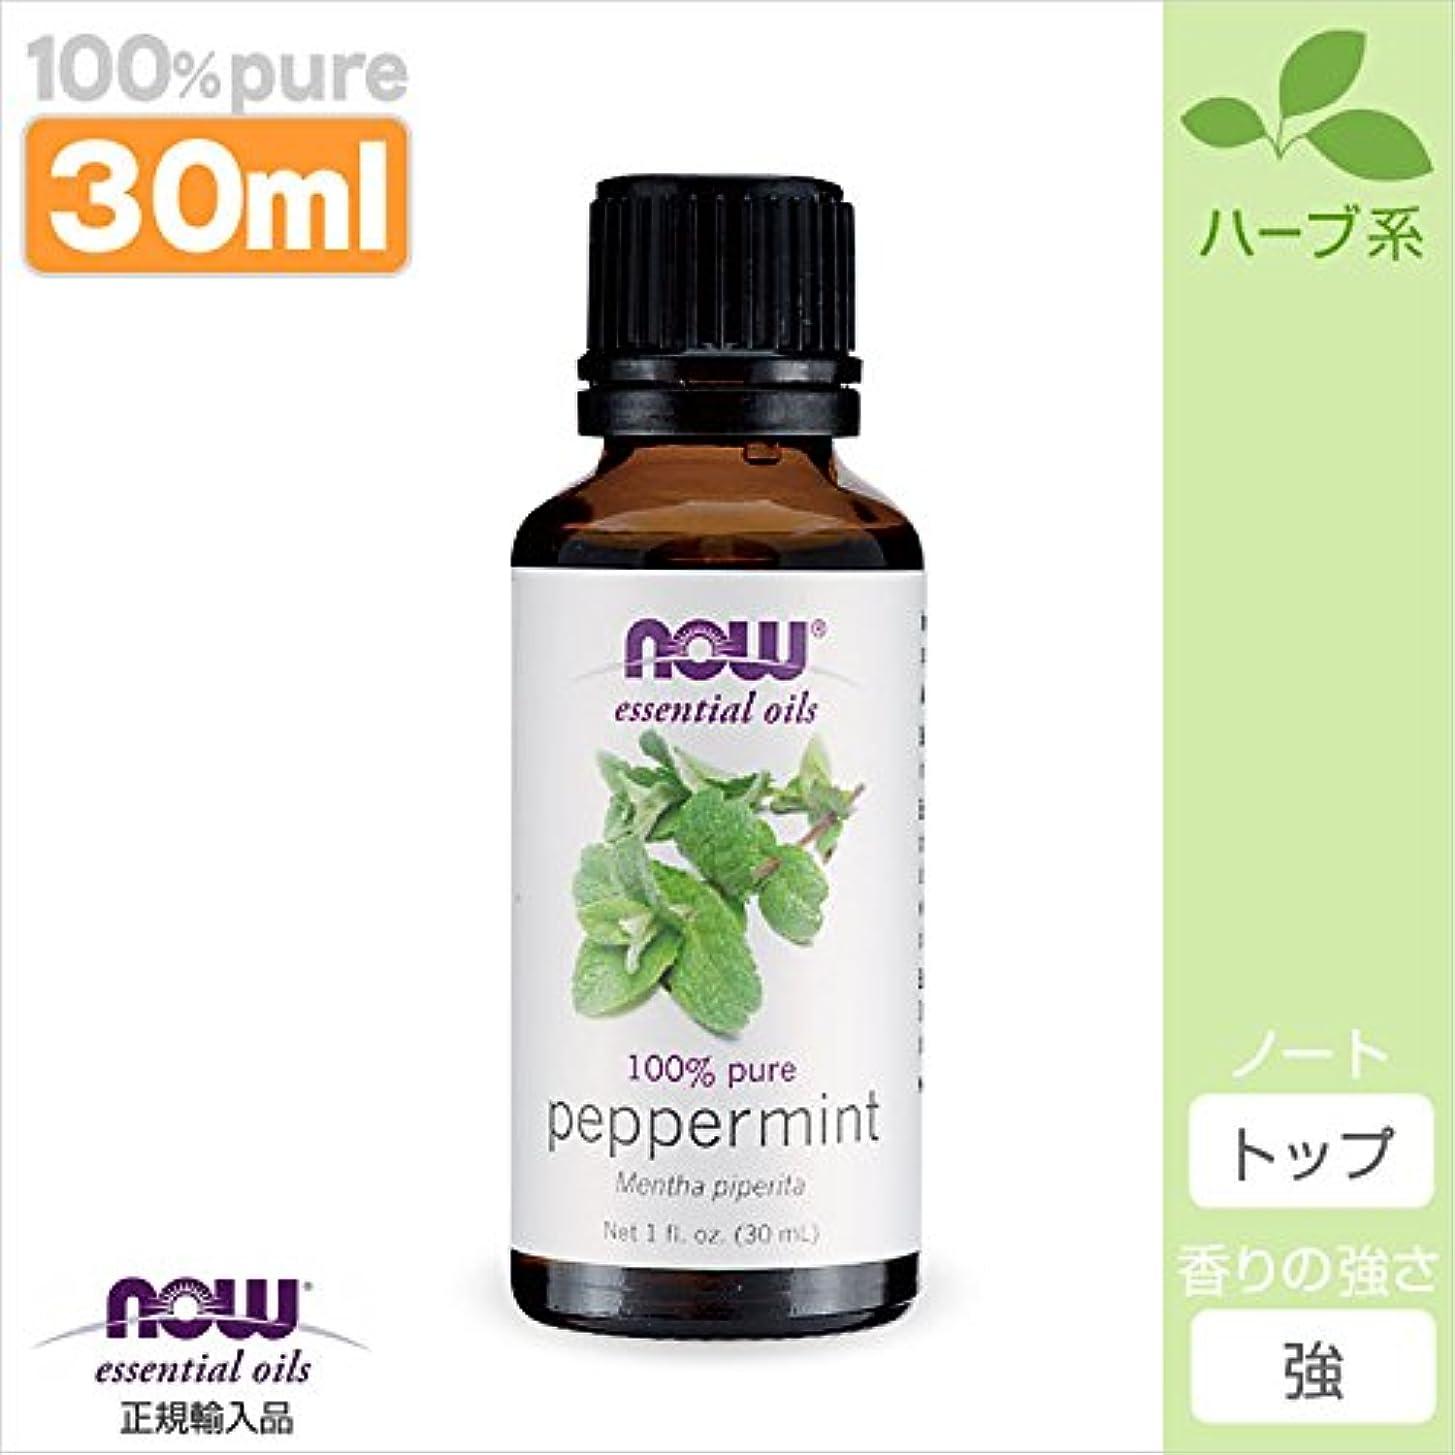 かすれた命令的図ペパーミント精油[30ml] 【正規輸入品】 NOWエッセンシャルオイル(アロマオイル)